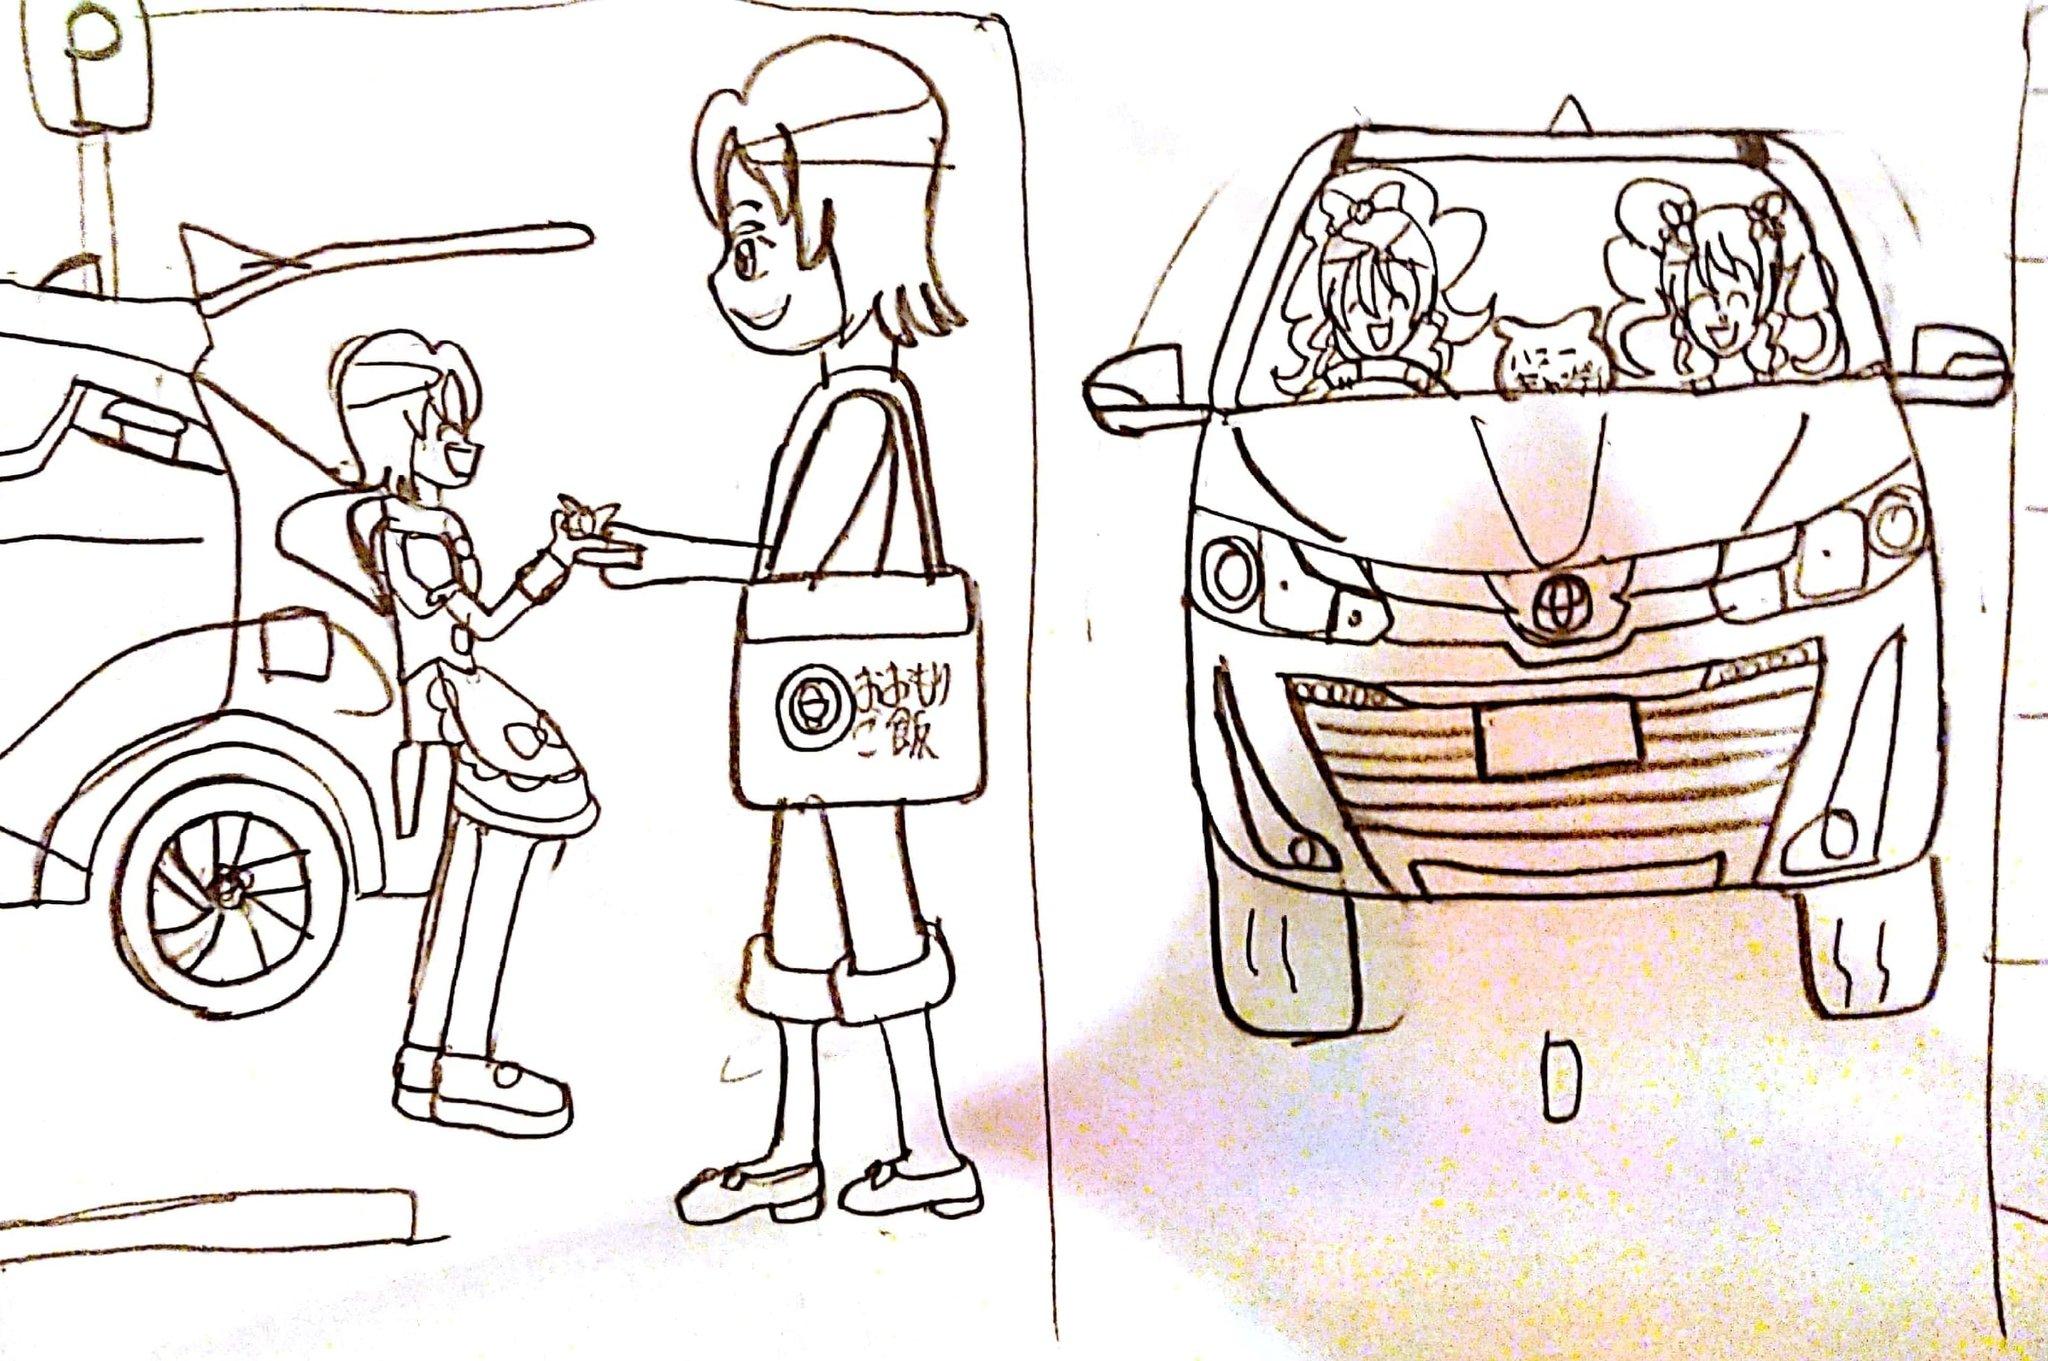 大森ゆうこ Σ4/โอโมริ ยูโกะ ซิกม่าโฟร์ (@Omoriyuko28V4WD)さんのイラスト